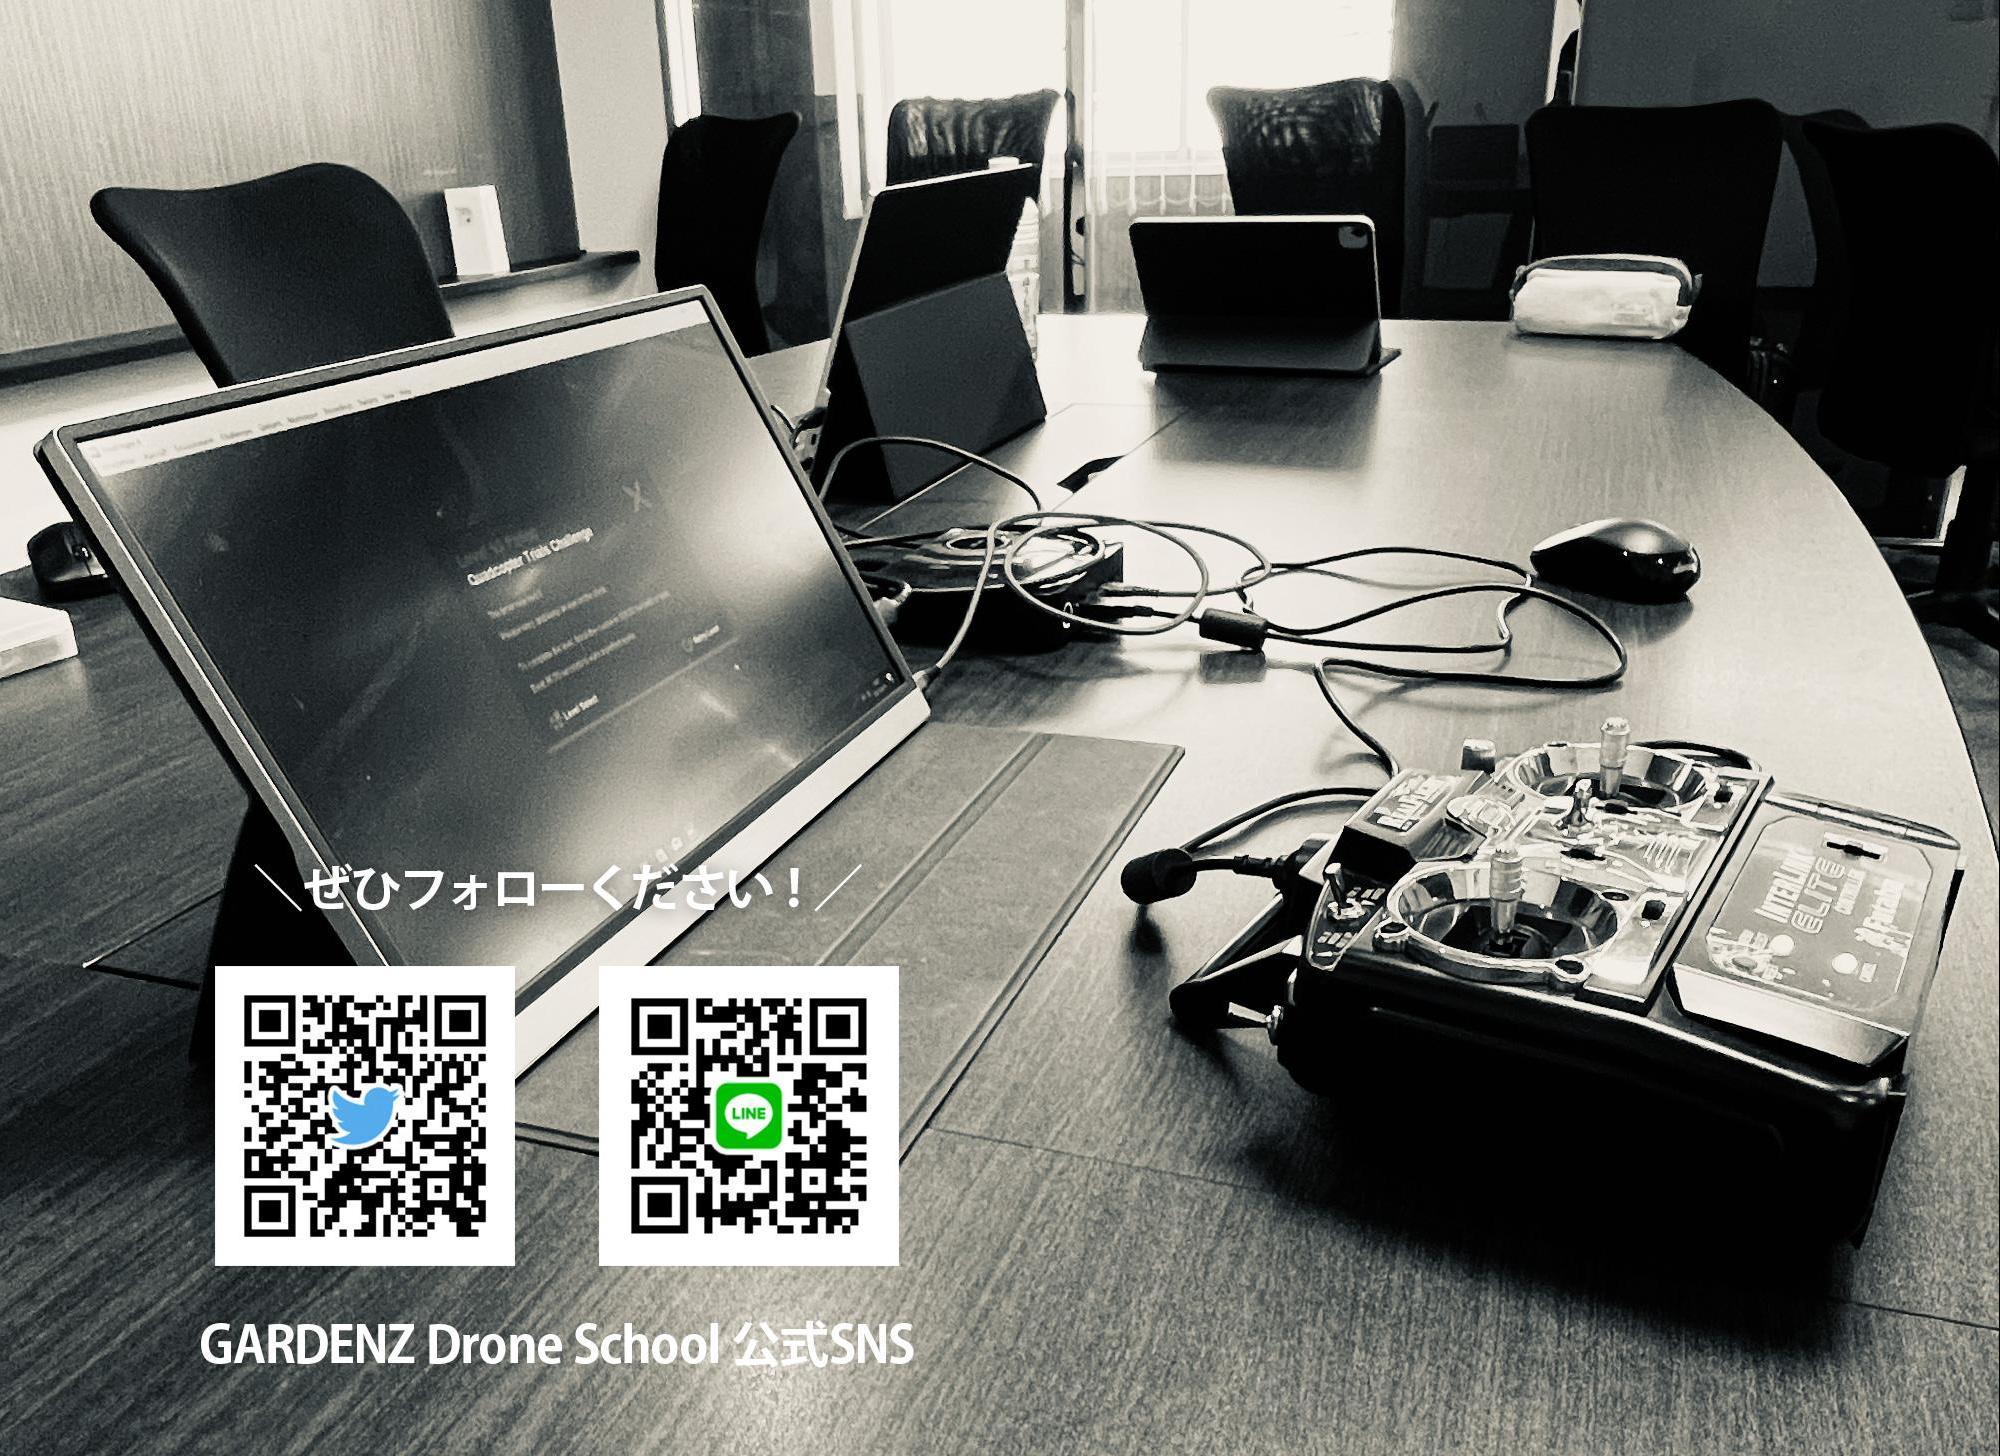 ドローン教習所GARDENZ Drone School 大阪校サブ画像1